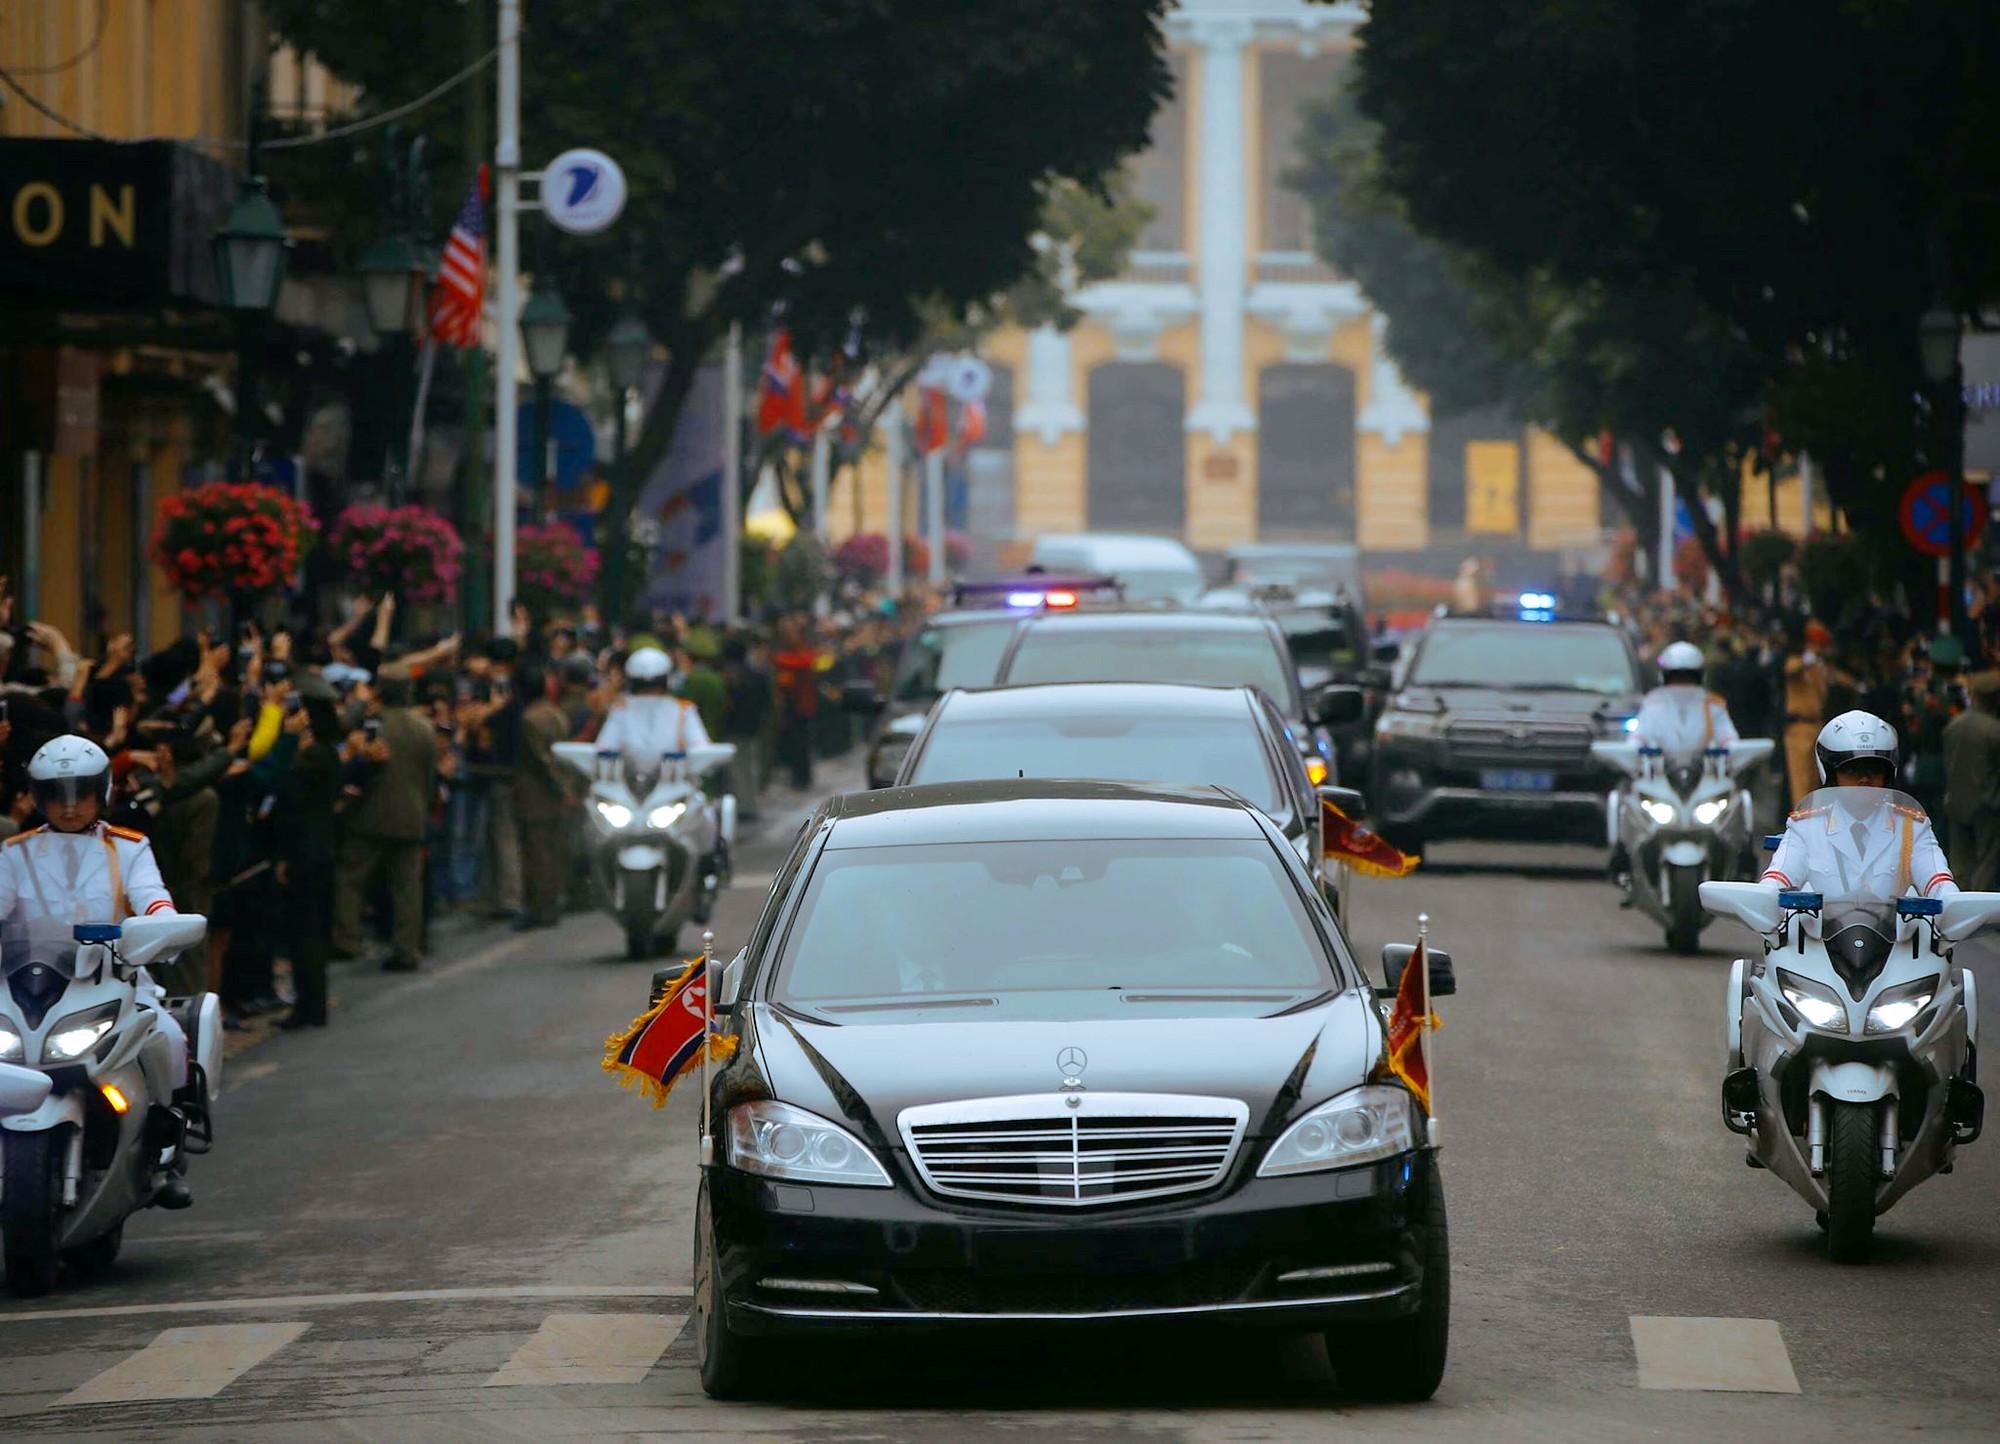 [PHOTO ESSAY] Những khoảnh khắc lịch sử trong chuyến công du Việt Nam đầu tiên của Chủ tịch Kim Jong-un - Ảnh 14.